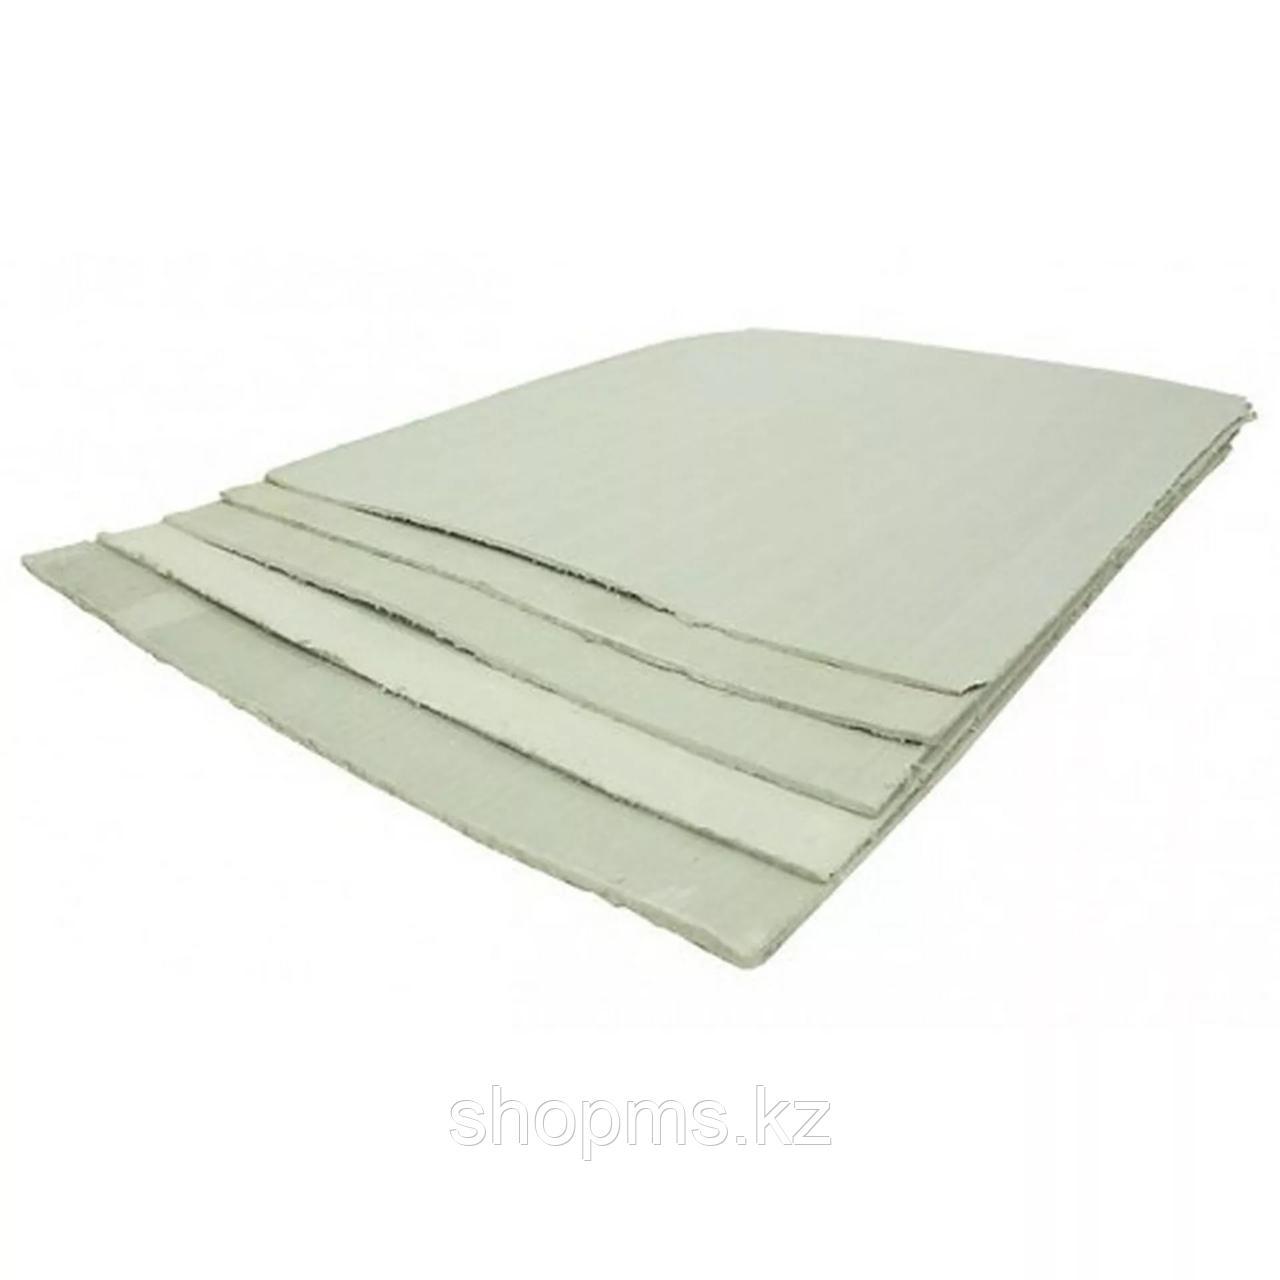 Асбест листовой КАОН-1 4мм ( в 1 листе 4,5 кг + -)